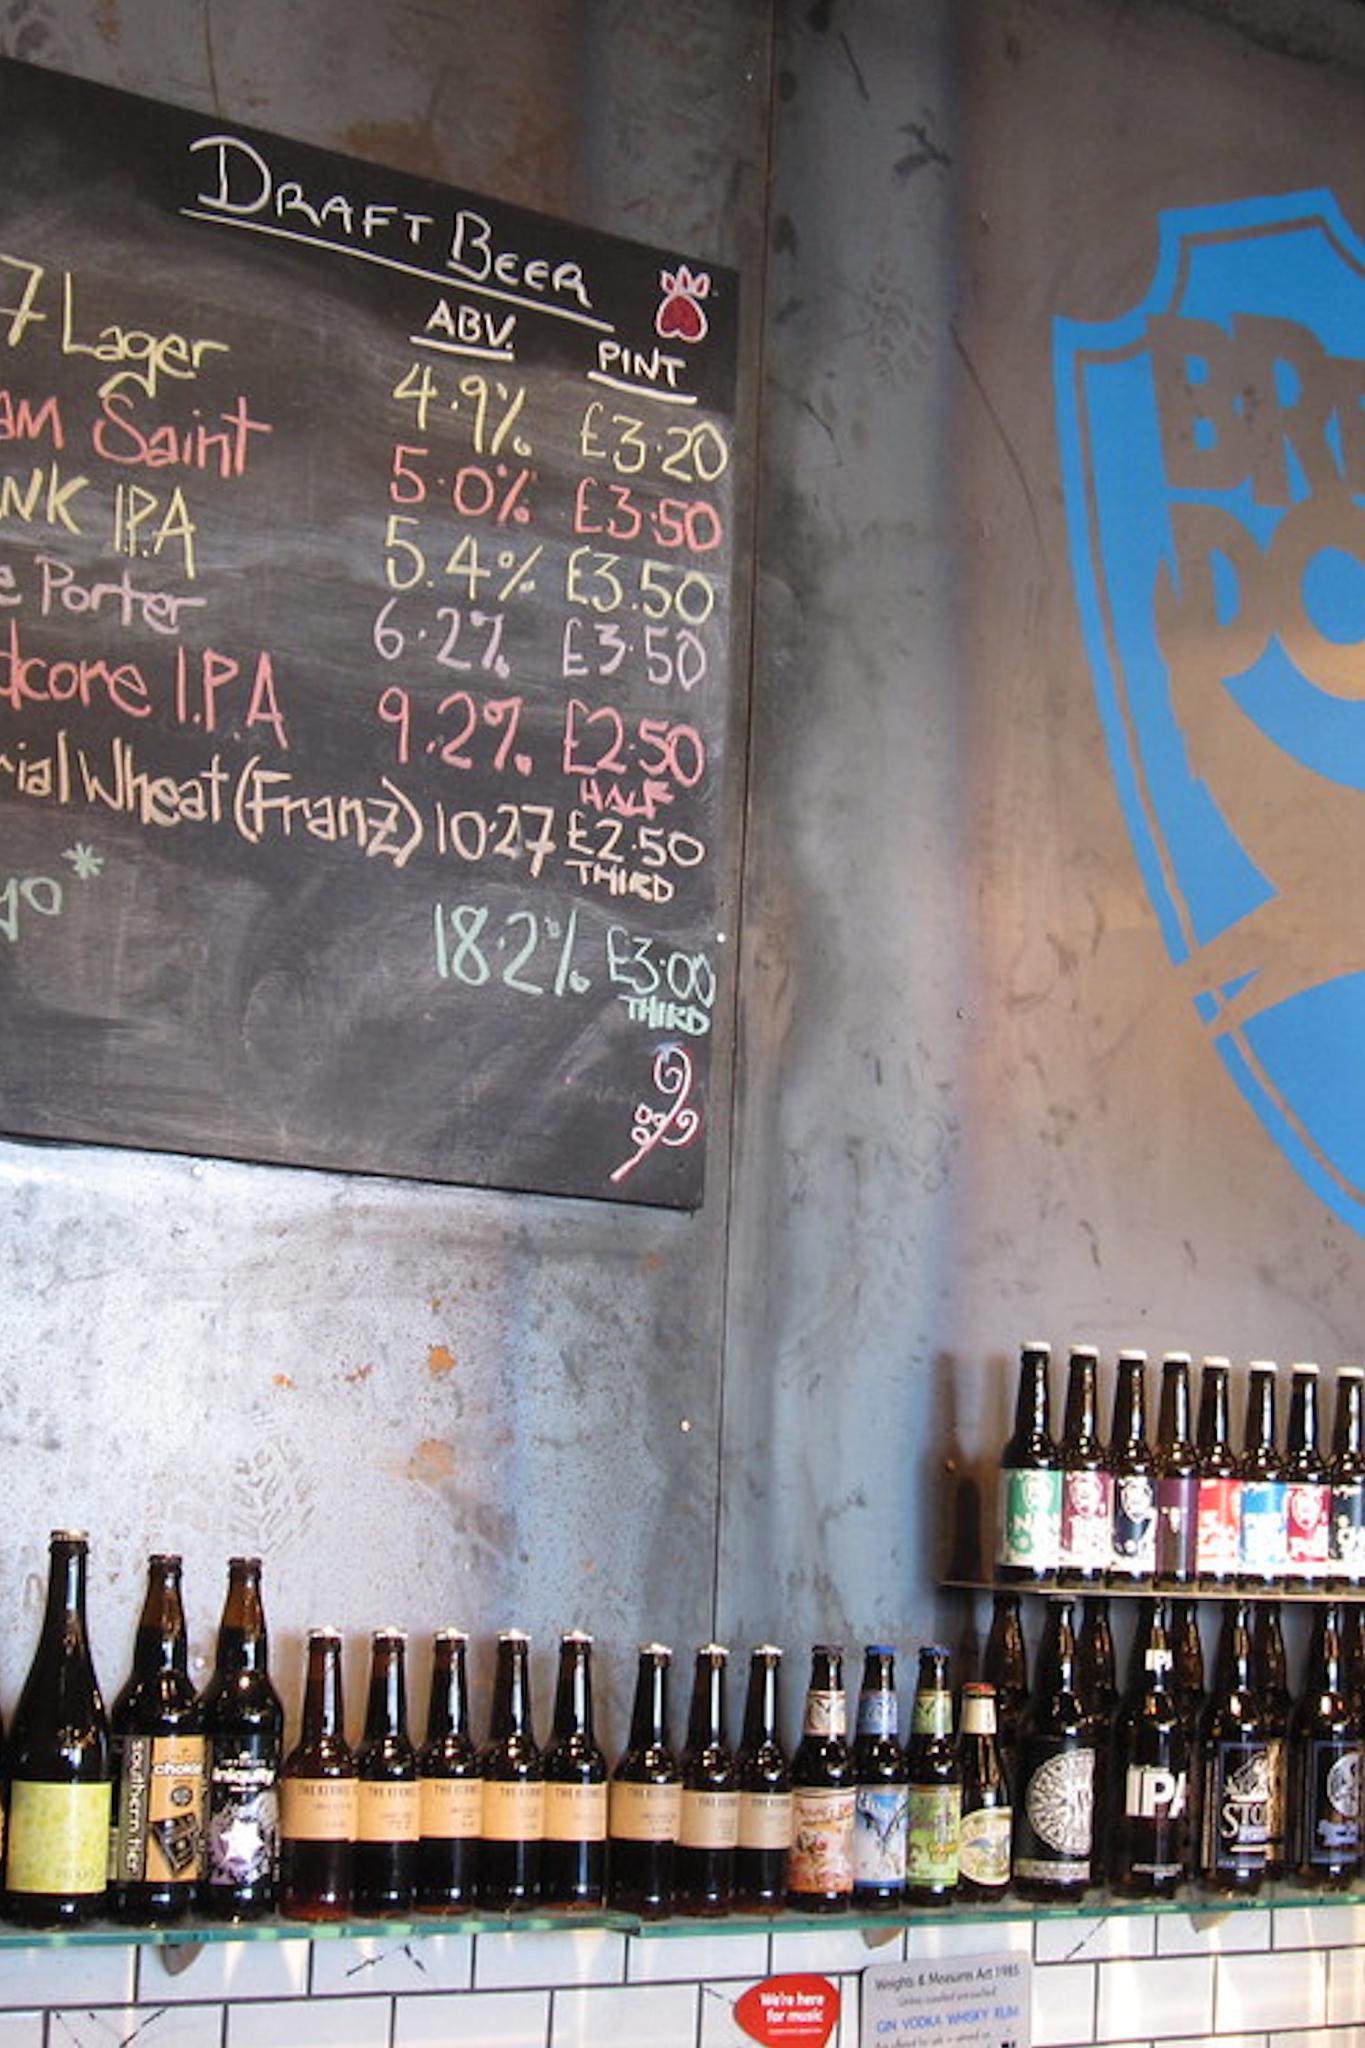 Scottish Ale bottles at a bar